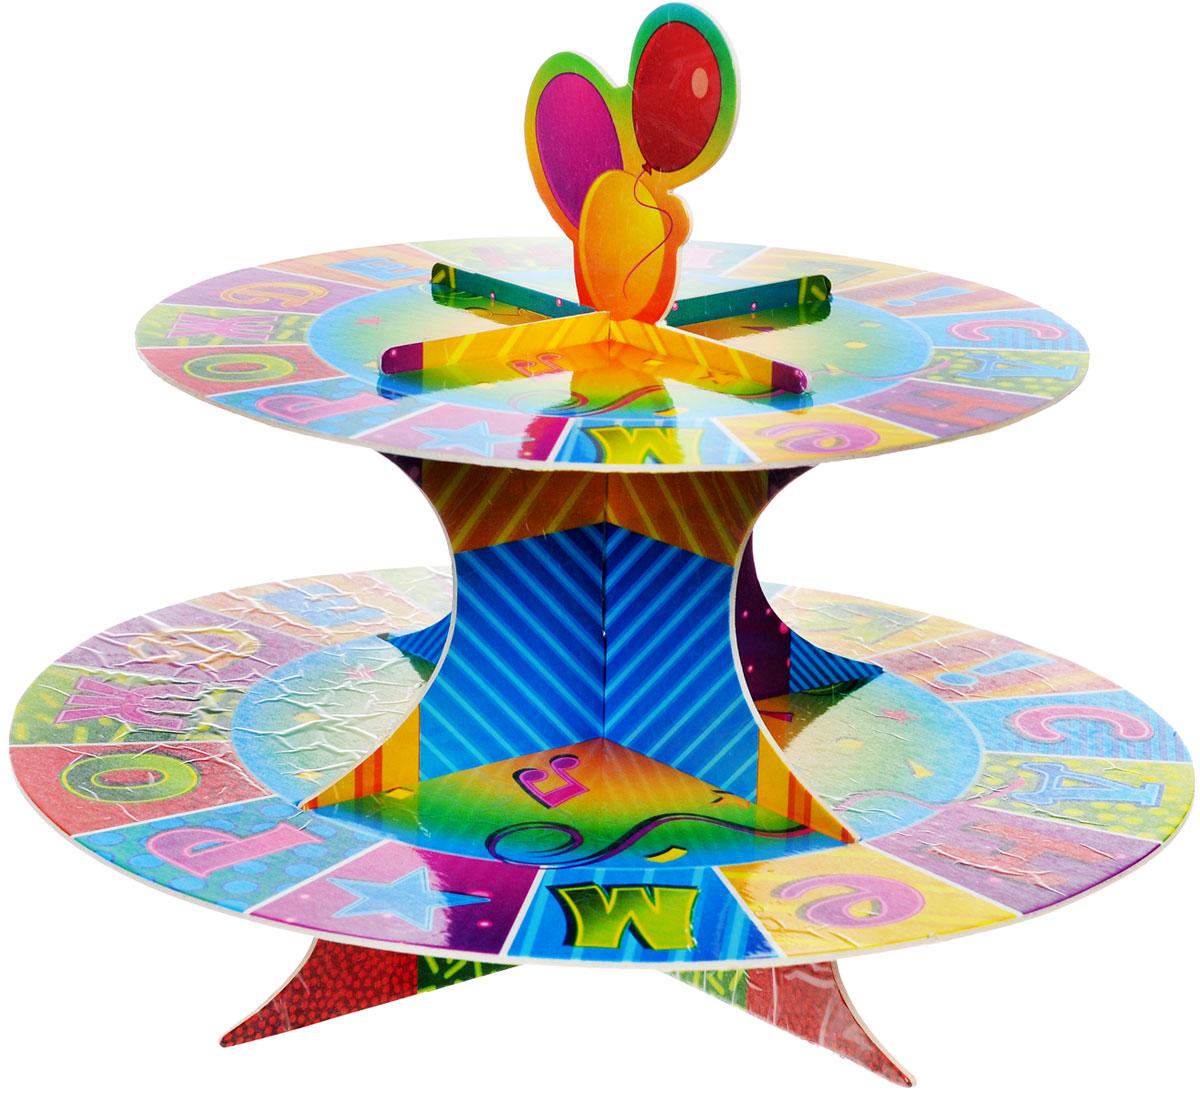 Веселая затея Стойка для кексов С днем рождения: Мозаика, 2 яруса1502-1368Стойка для кексов Веселая затея С днем рождения: Мозаика - это удобная, изящная подставка для праздничного угощения. Стойка украшена красочным мозаичным изображением с надписью С днем рождения!. Она легко собирается, не требует склеивания. Для экономии места упакована в разобранном виде в пакете. Двухъярусная стойка позволяет осуществить красивую выкладку кексов. Стойка для кексов Веселая затея С днем рождения: Мозаика станет настоящим украшением праздничного стола! Высота стойки в собранном виде - 21 см, диаметр нижнего яруса - 25,5 см, диаметр верхнего яруса - 20 см.